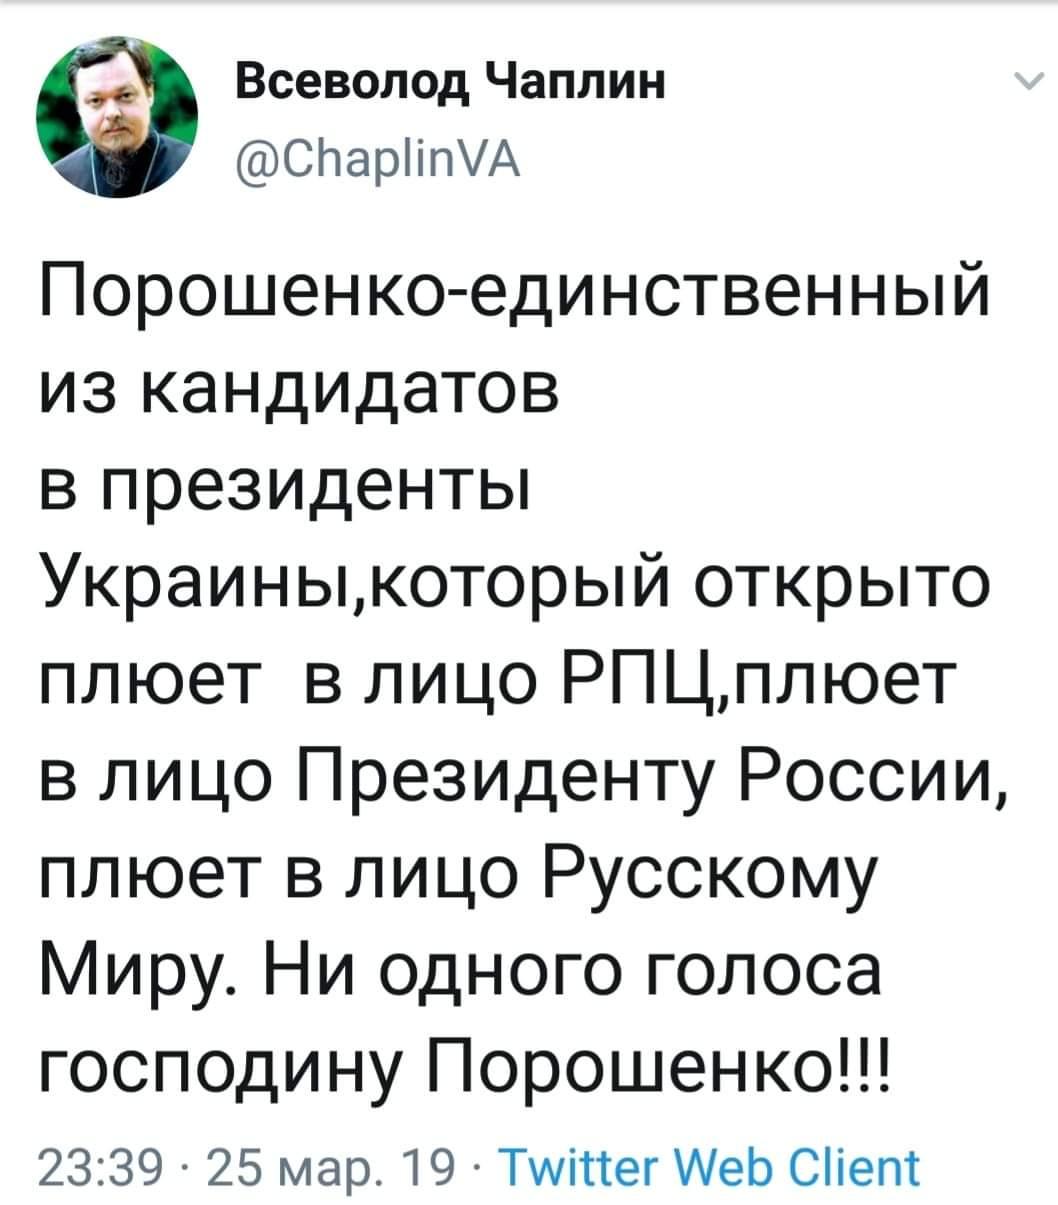 Путін намагатиметься зірвати вибори в Україні, організувавши кровопролиття, - Порошенко - Цензор.НЕТ 1781